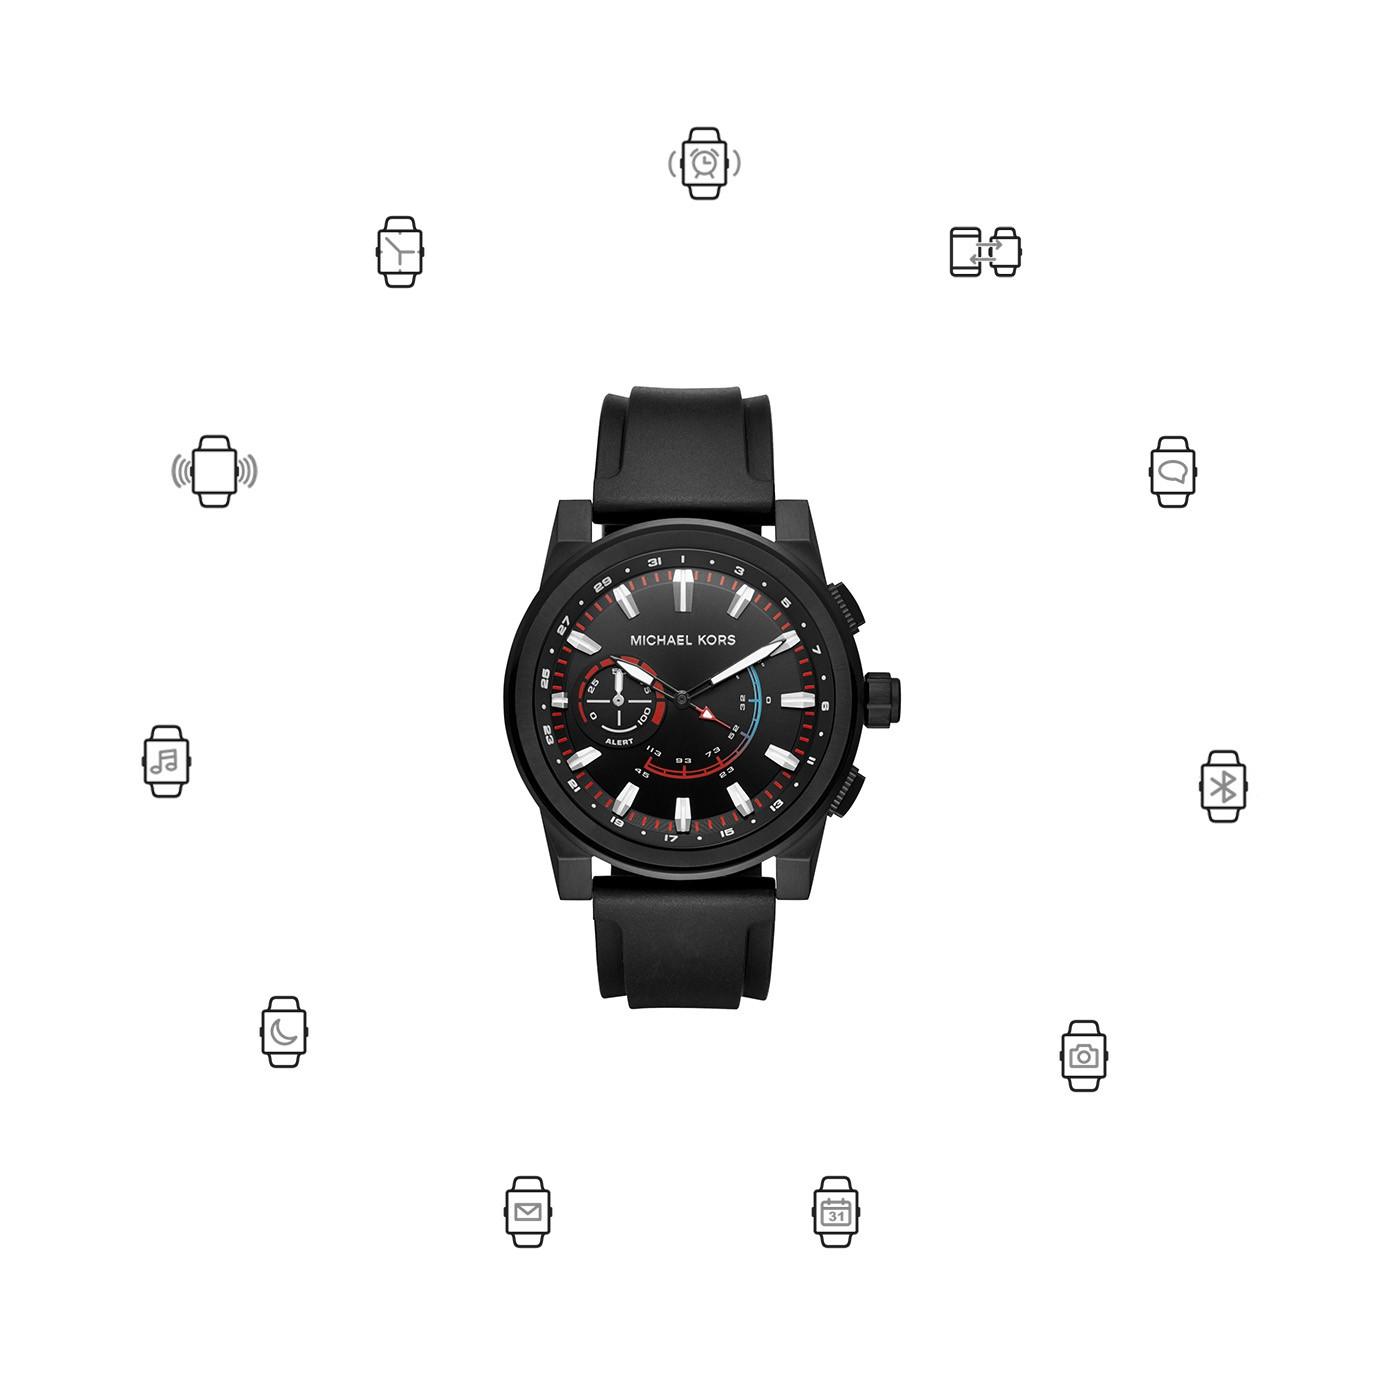 7c5b50516705 Michael Kors Access watch MKT4010 - Watches